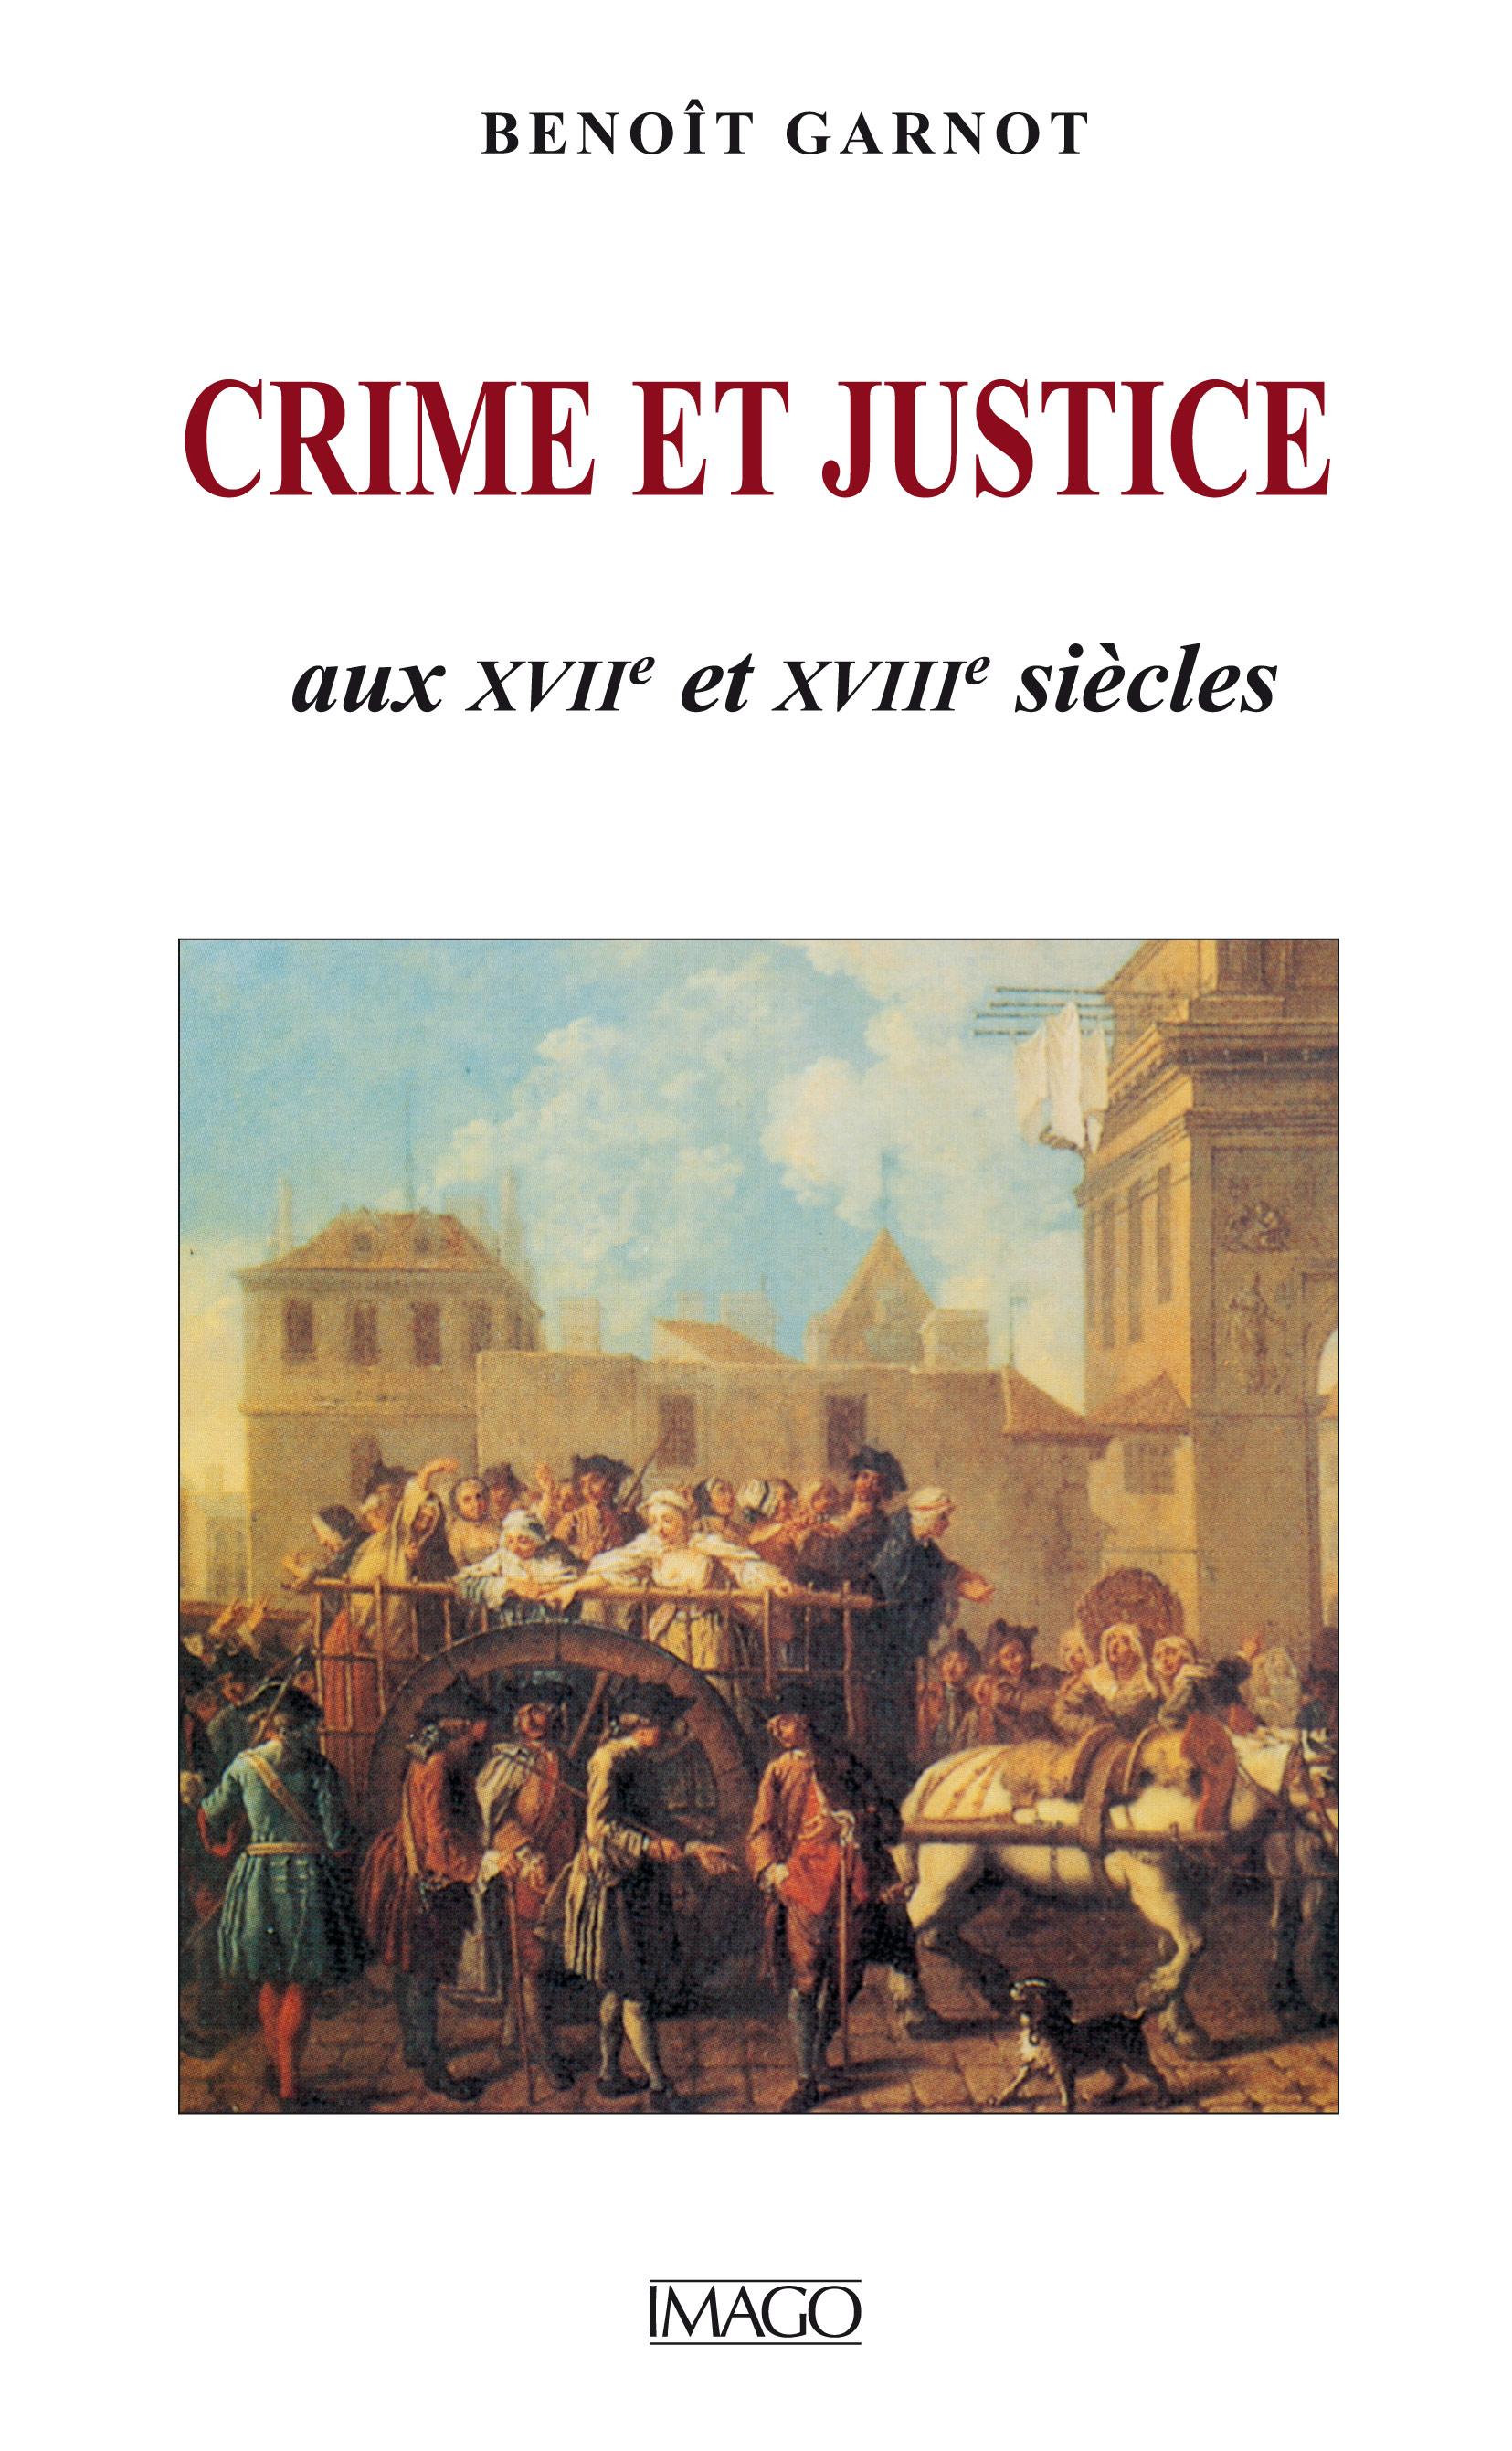 Crime et Justice aux XVII<sup>e</sup> et XVIII<sup>e</sup> siècles